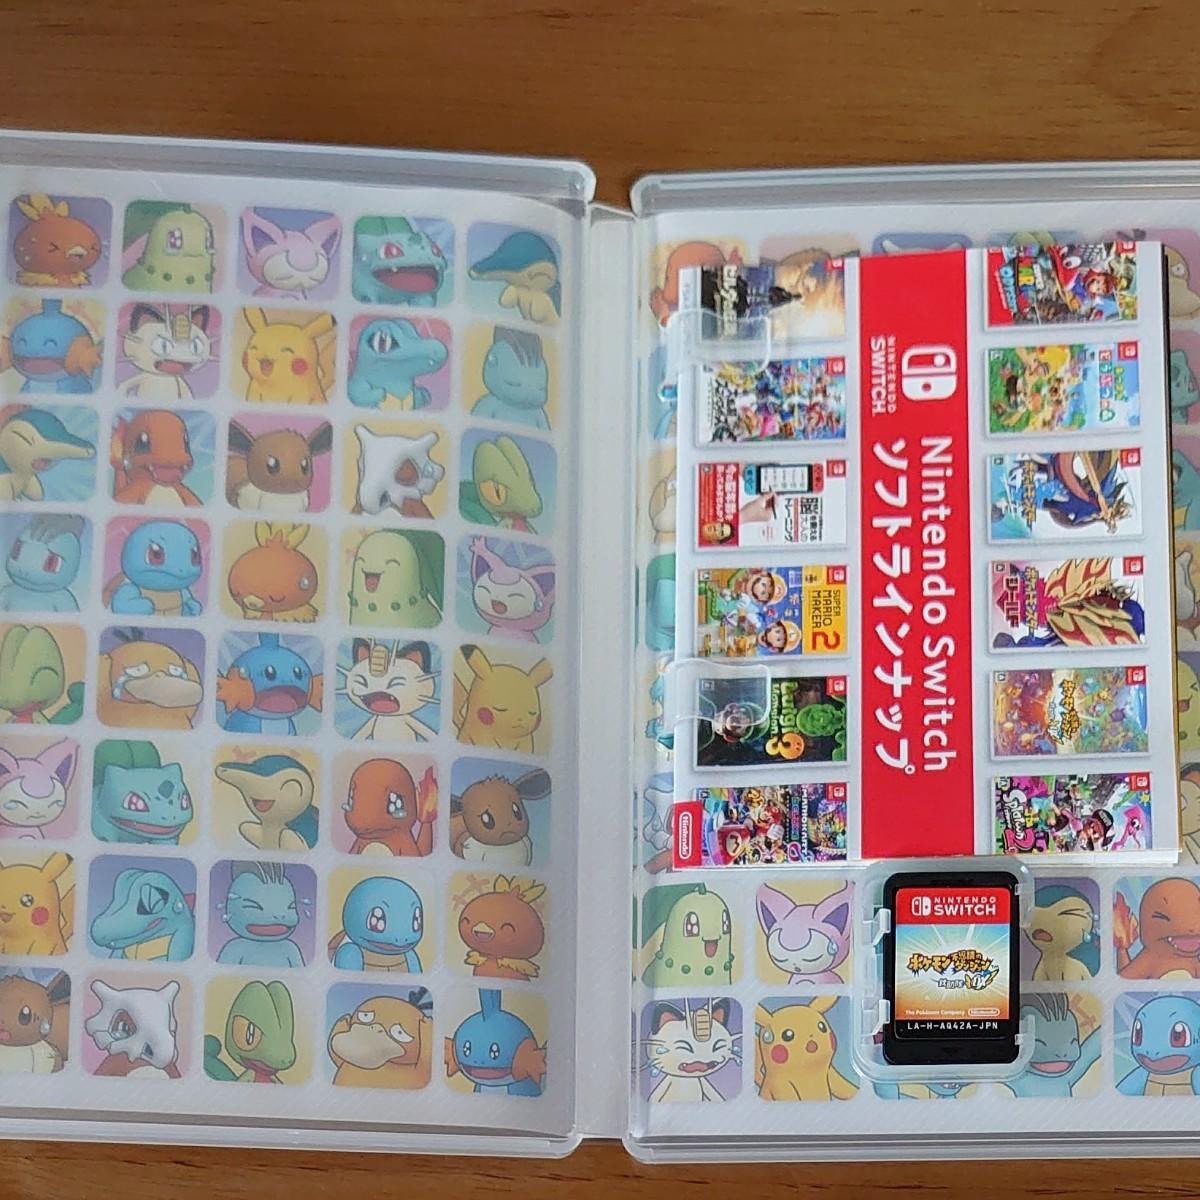 ポケモン不思議のダンジョン救助隊DX  ニンテンドースイッチ Nintendo Switch